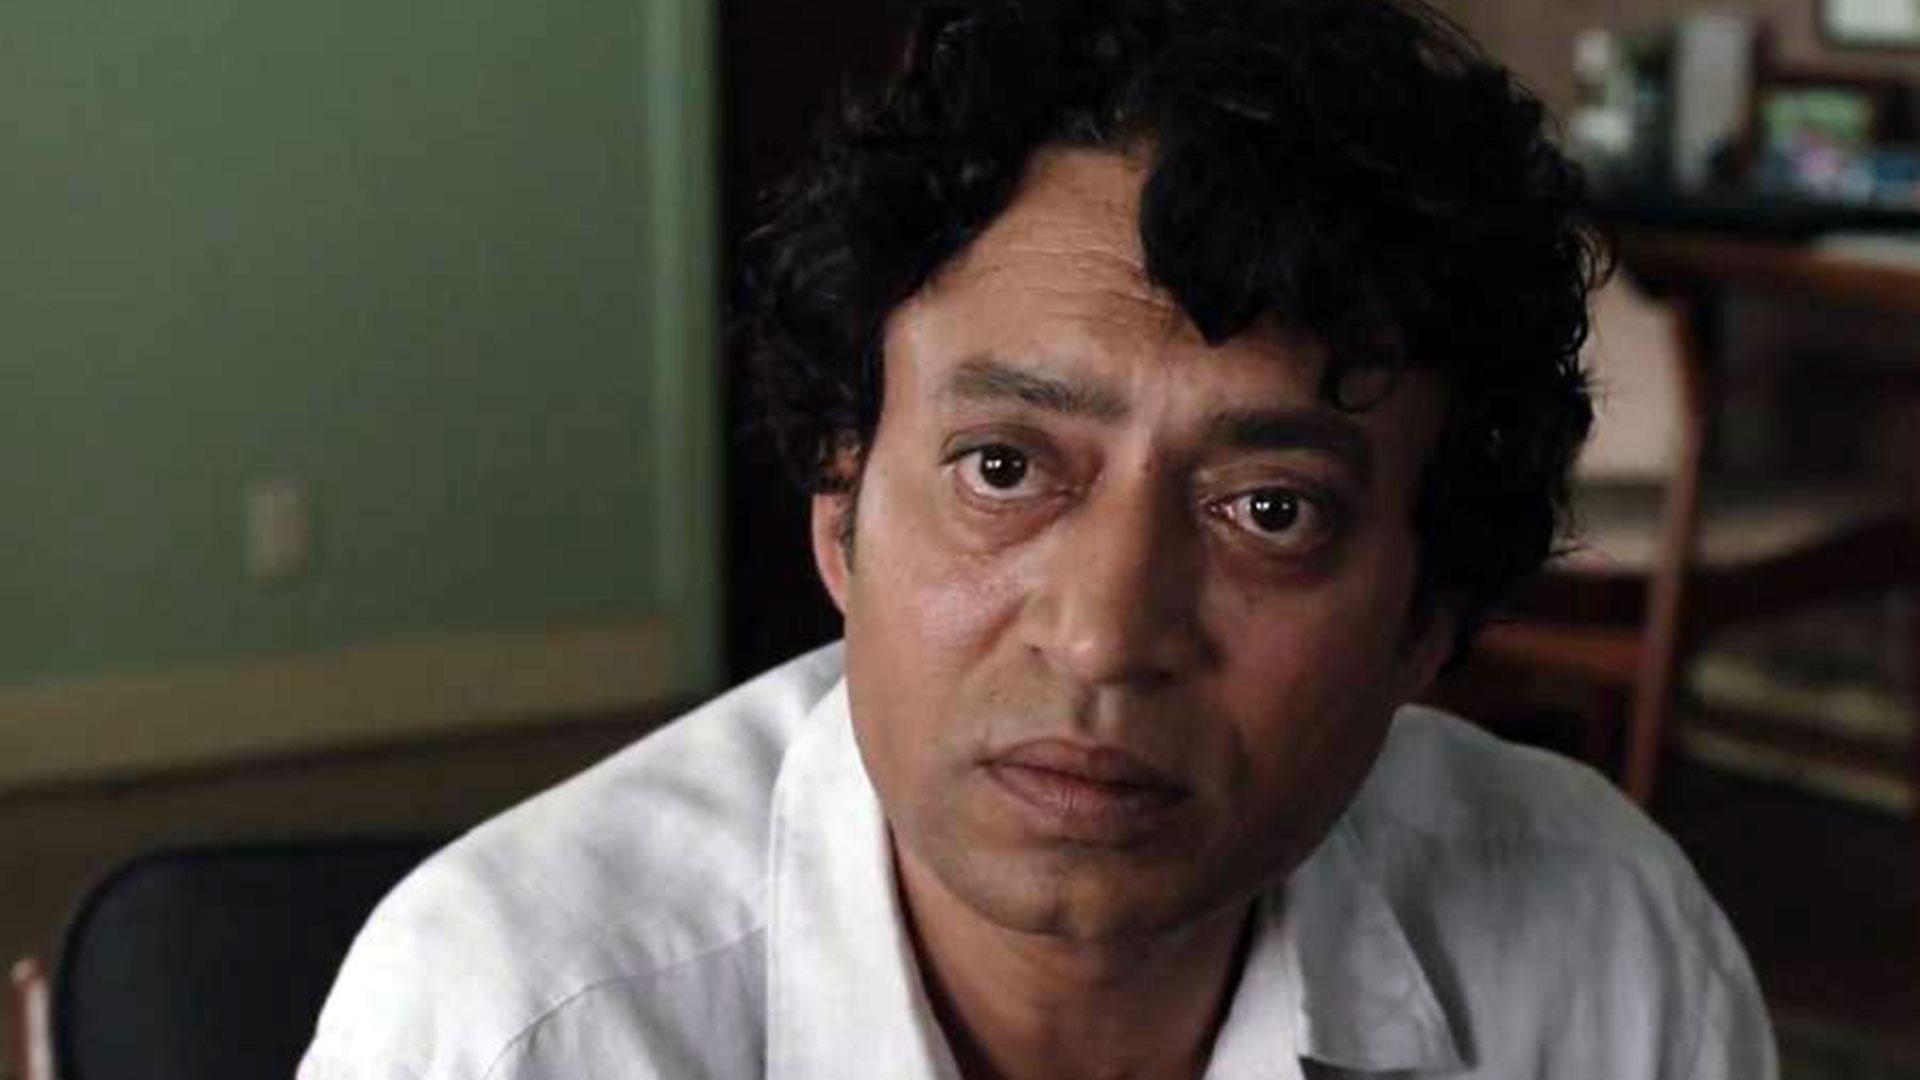 """Actriz Porno Indu murió el actor indio irrfan khan, conocido por """"la vida de"""